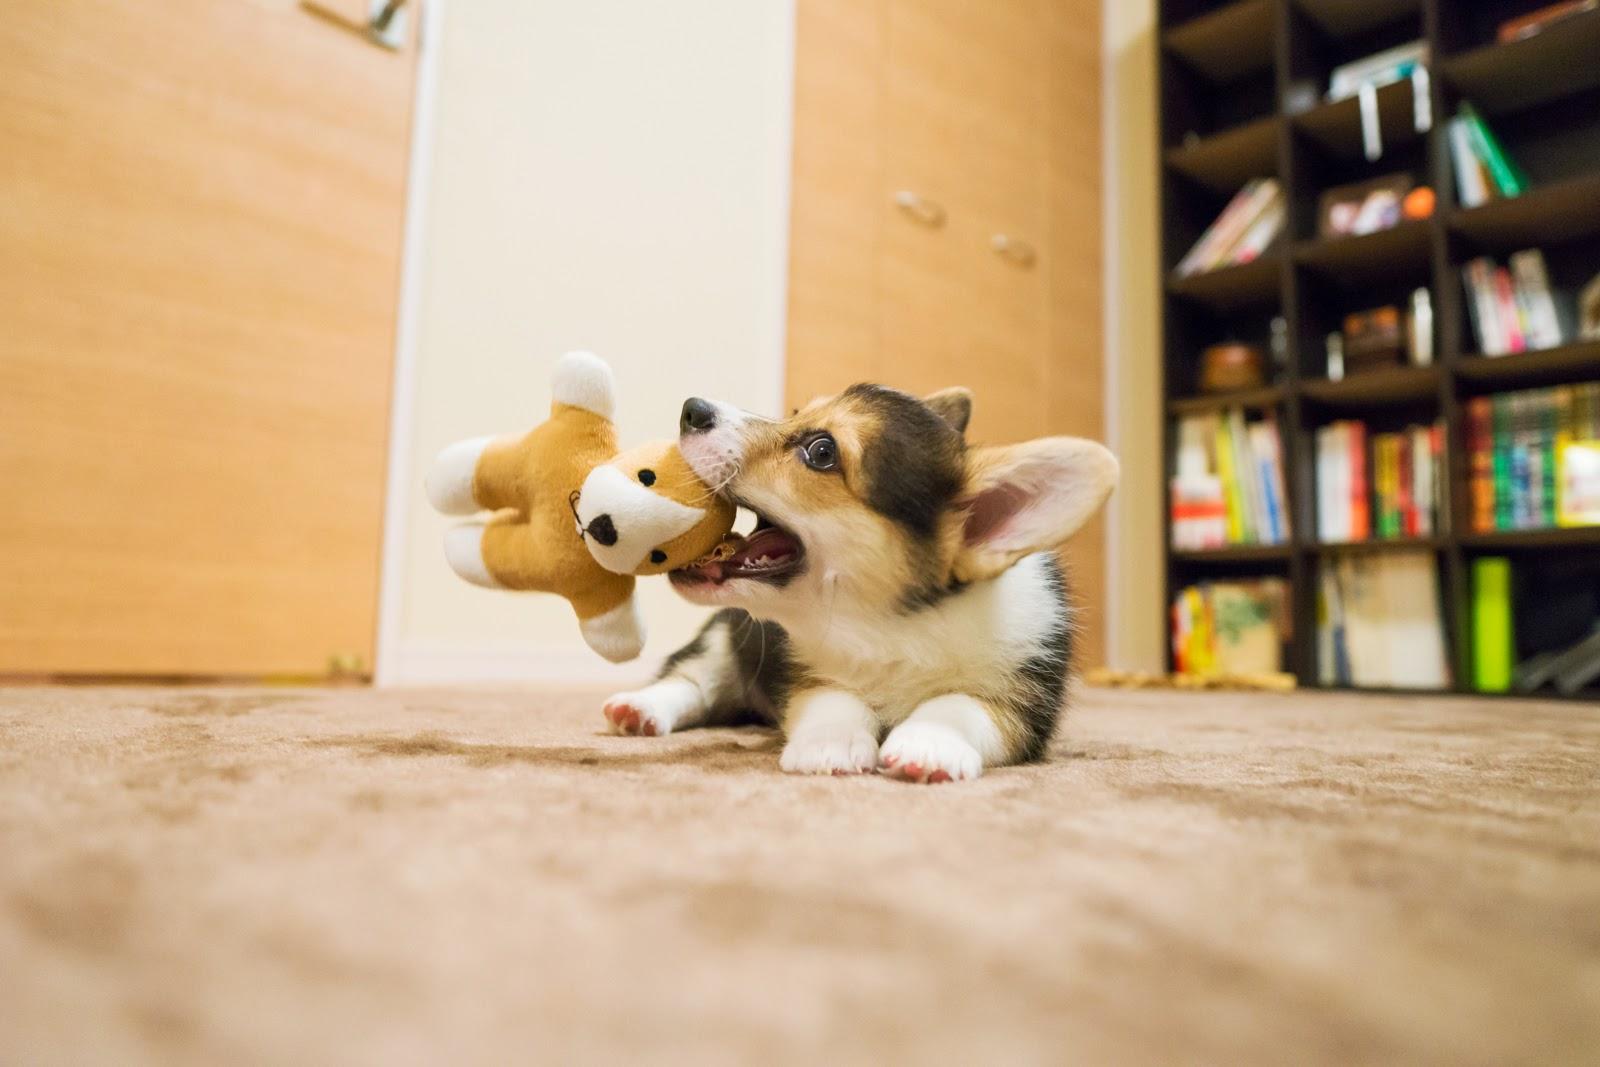 ぬいぐるみで遊ぶ子犬のコーギー